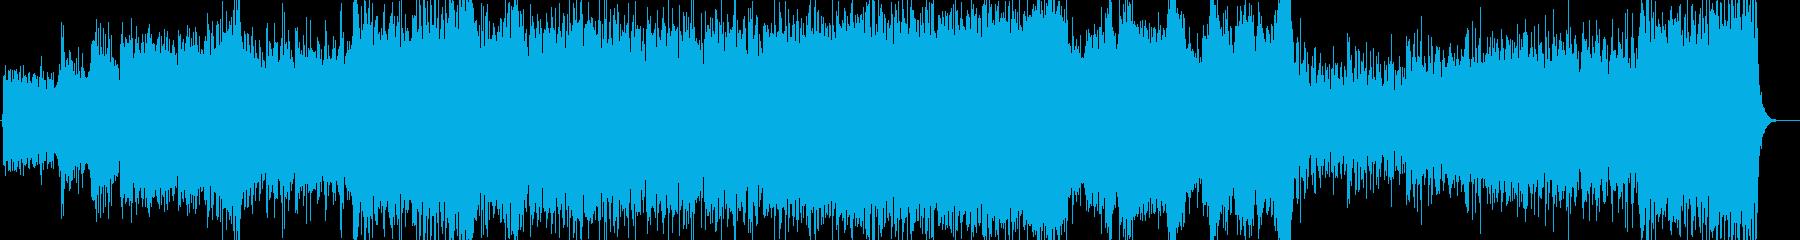 ダークでかっこいい壮大なBGMの再生済みの波形